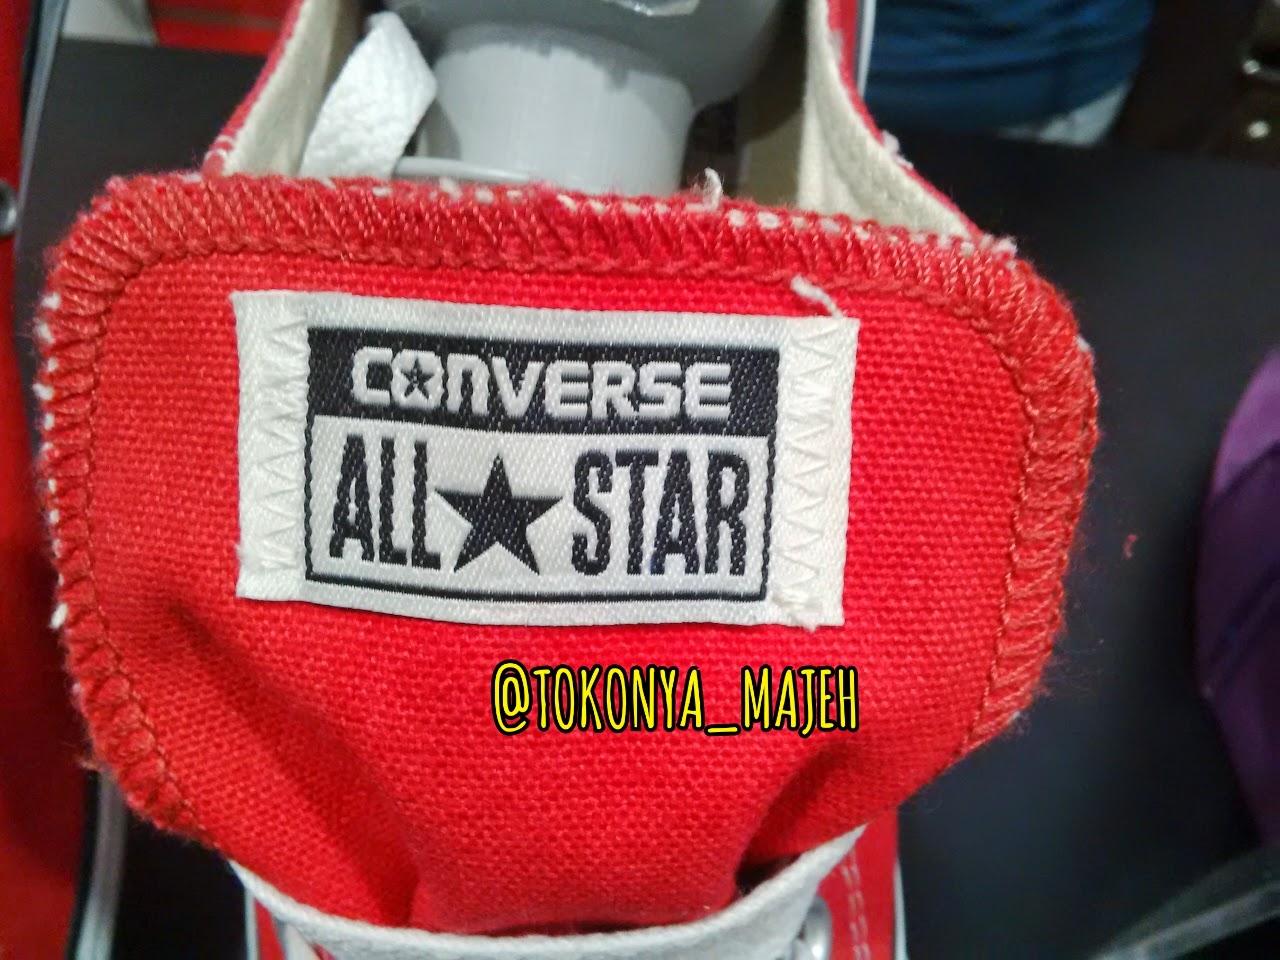 PUNYA MAJEH: Ciri-ciri Sepatu Converse Asli Original Made